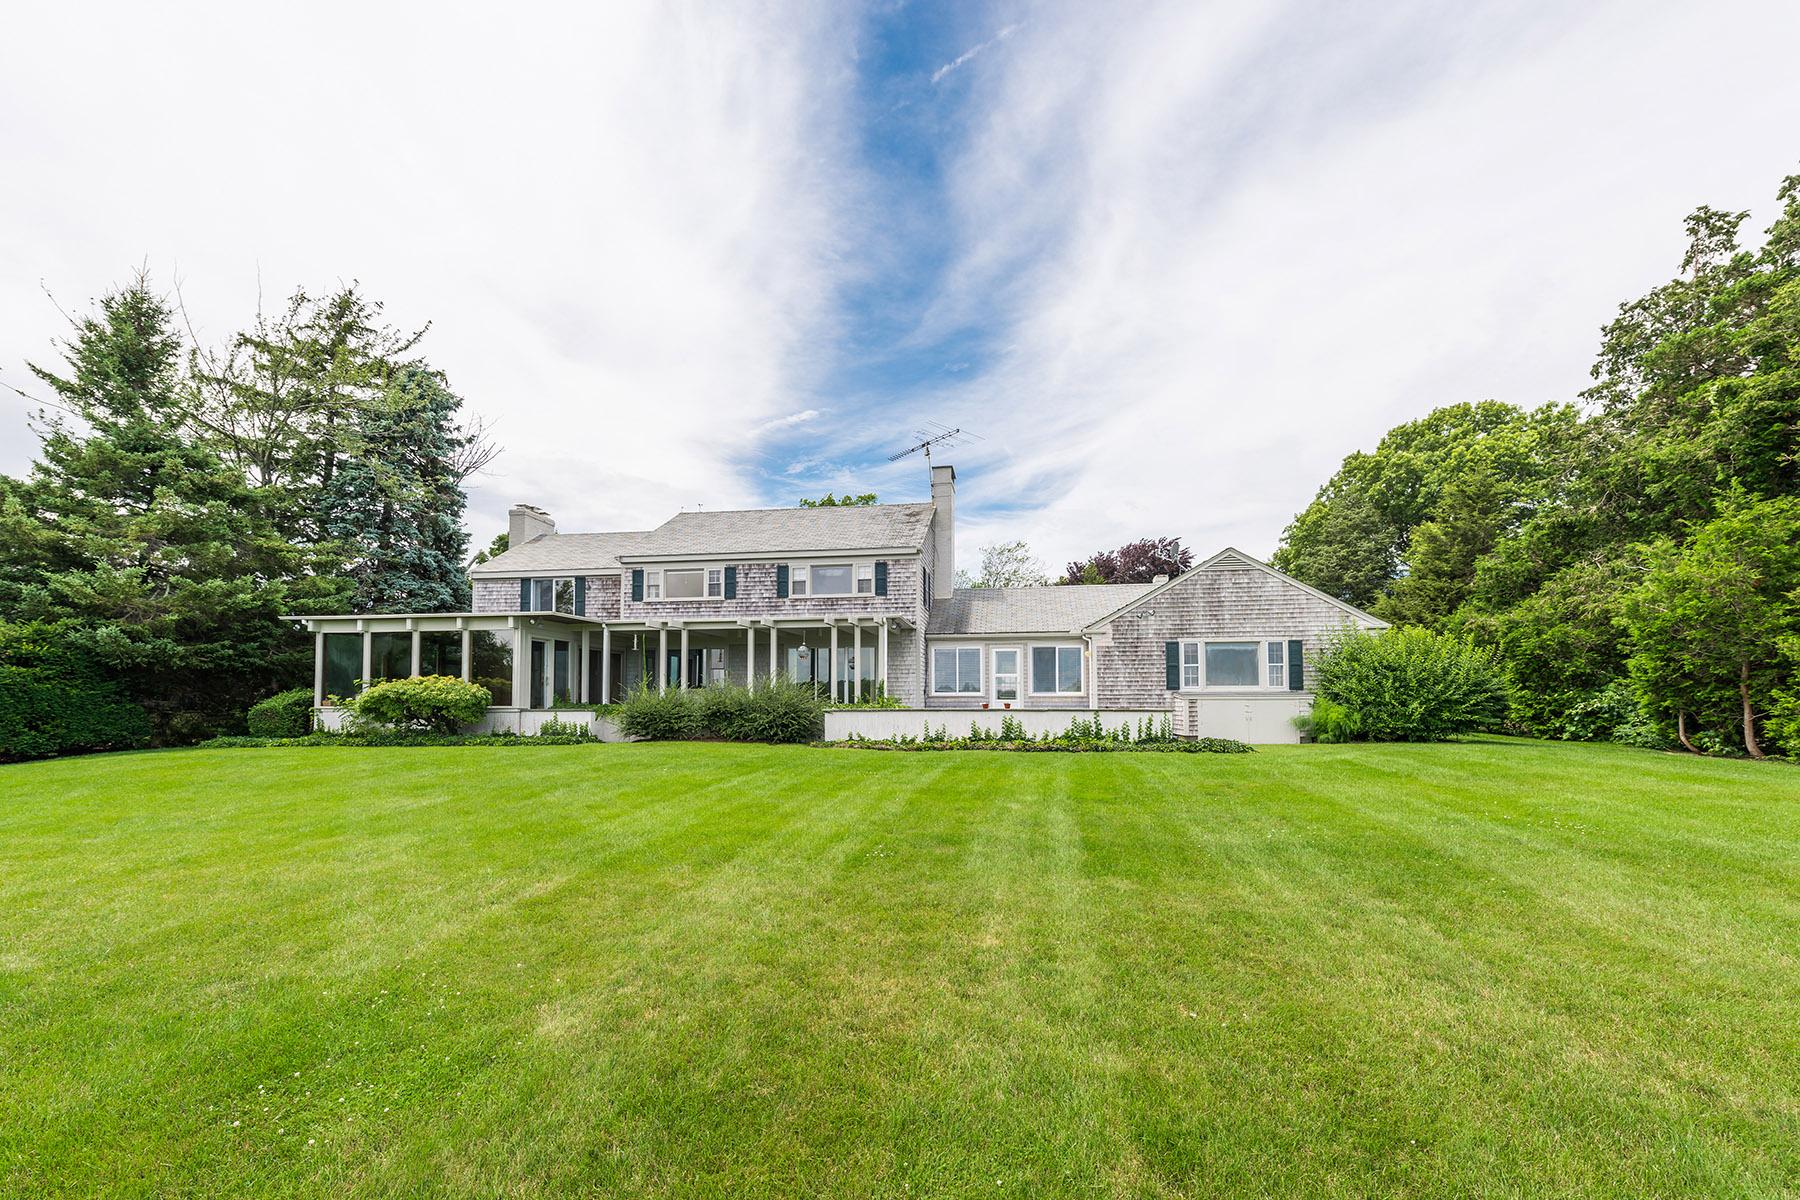 Maison unifamiliale pour l Vente à 20 Stone Tower Lane, Barrington, RI Barrington, Rhode Island, 02806 États-Unis